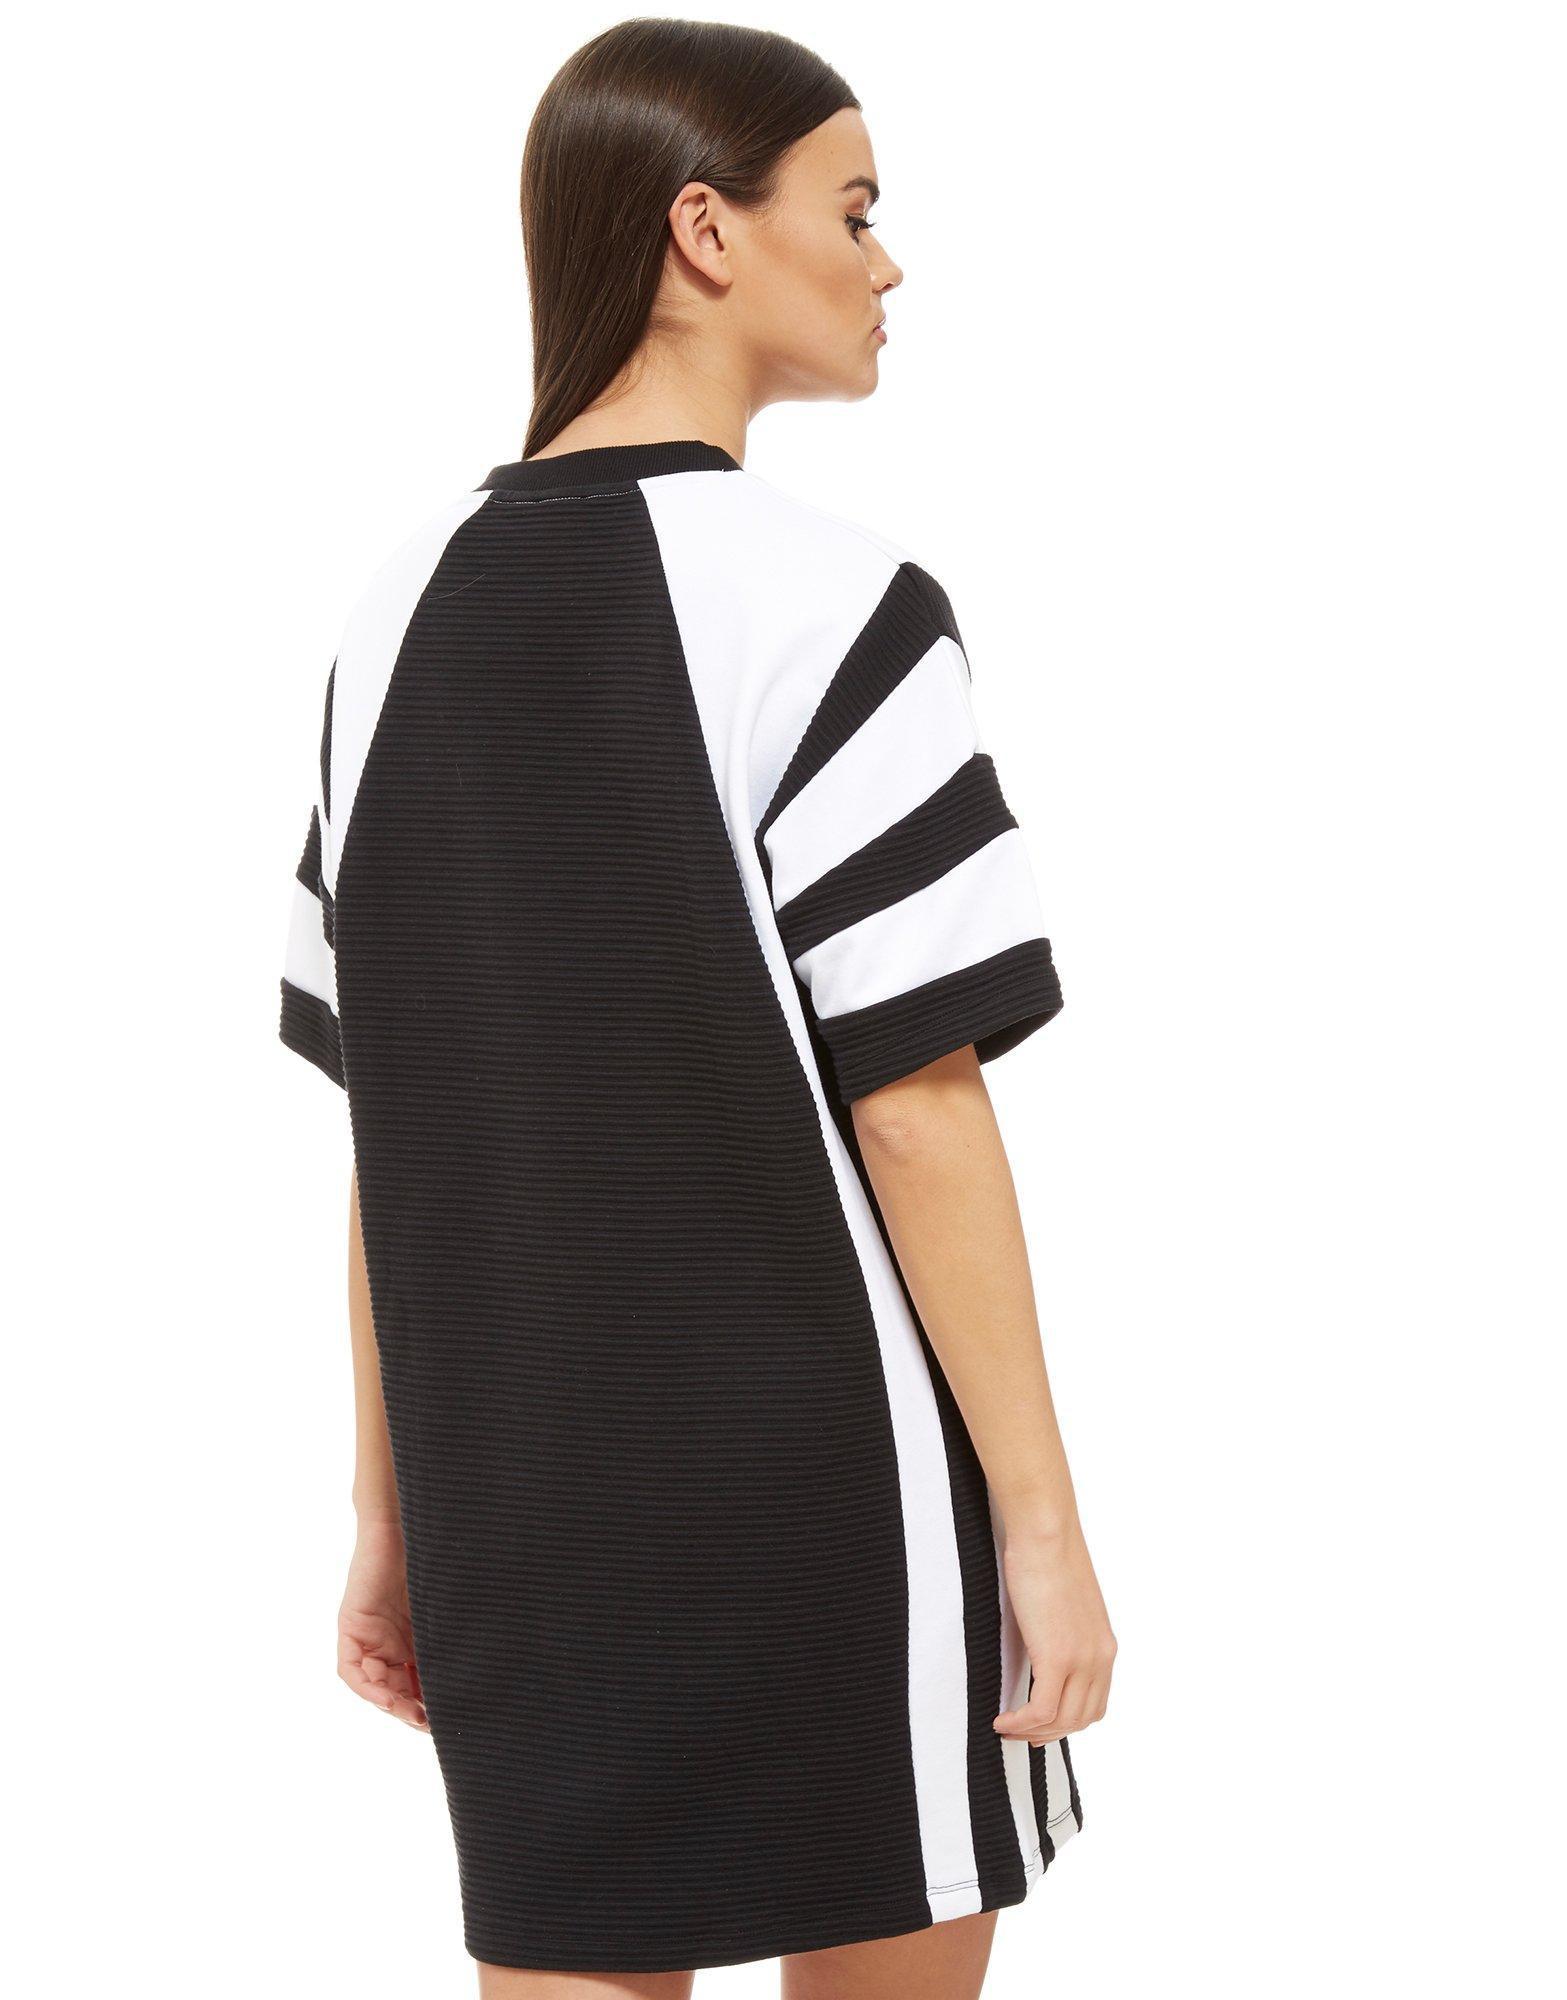 9fb3548e7fc adidas Originals Eqt Colourblock T-shirt Dress in Black - Lyst